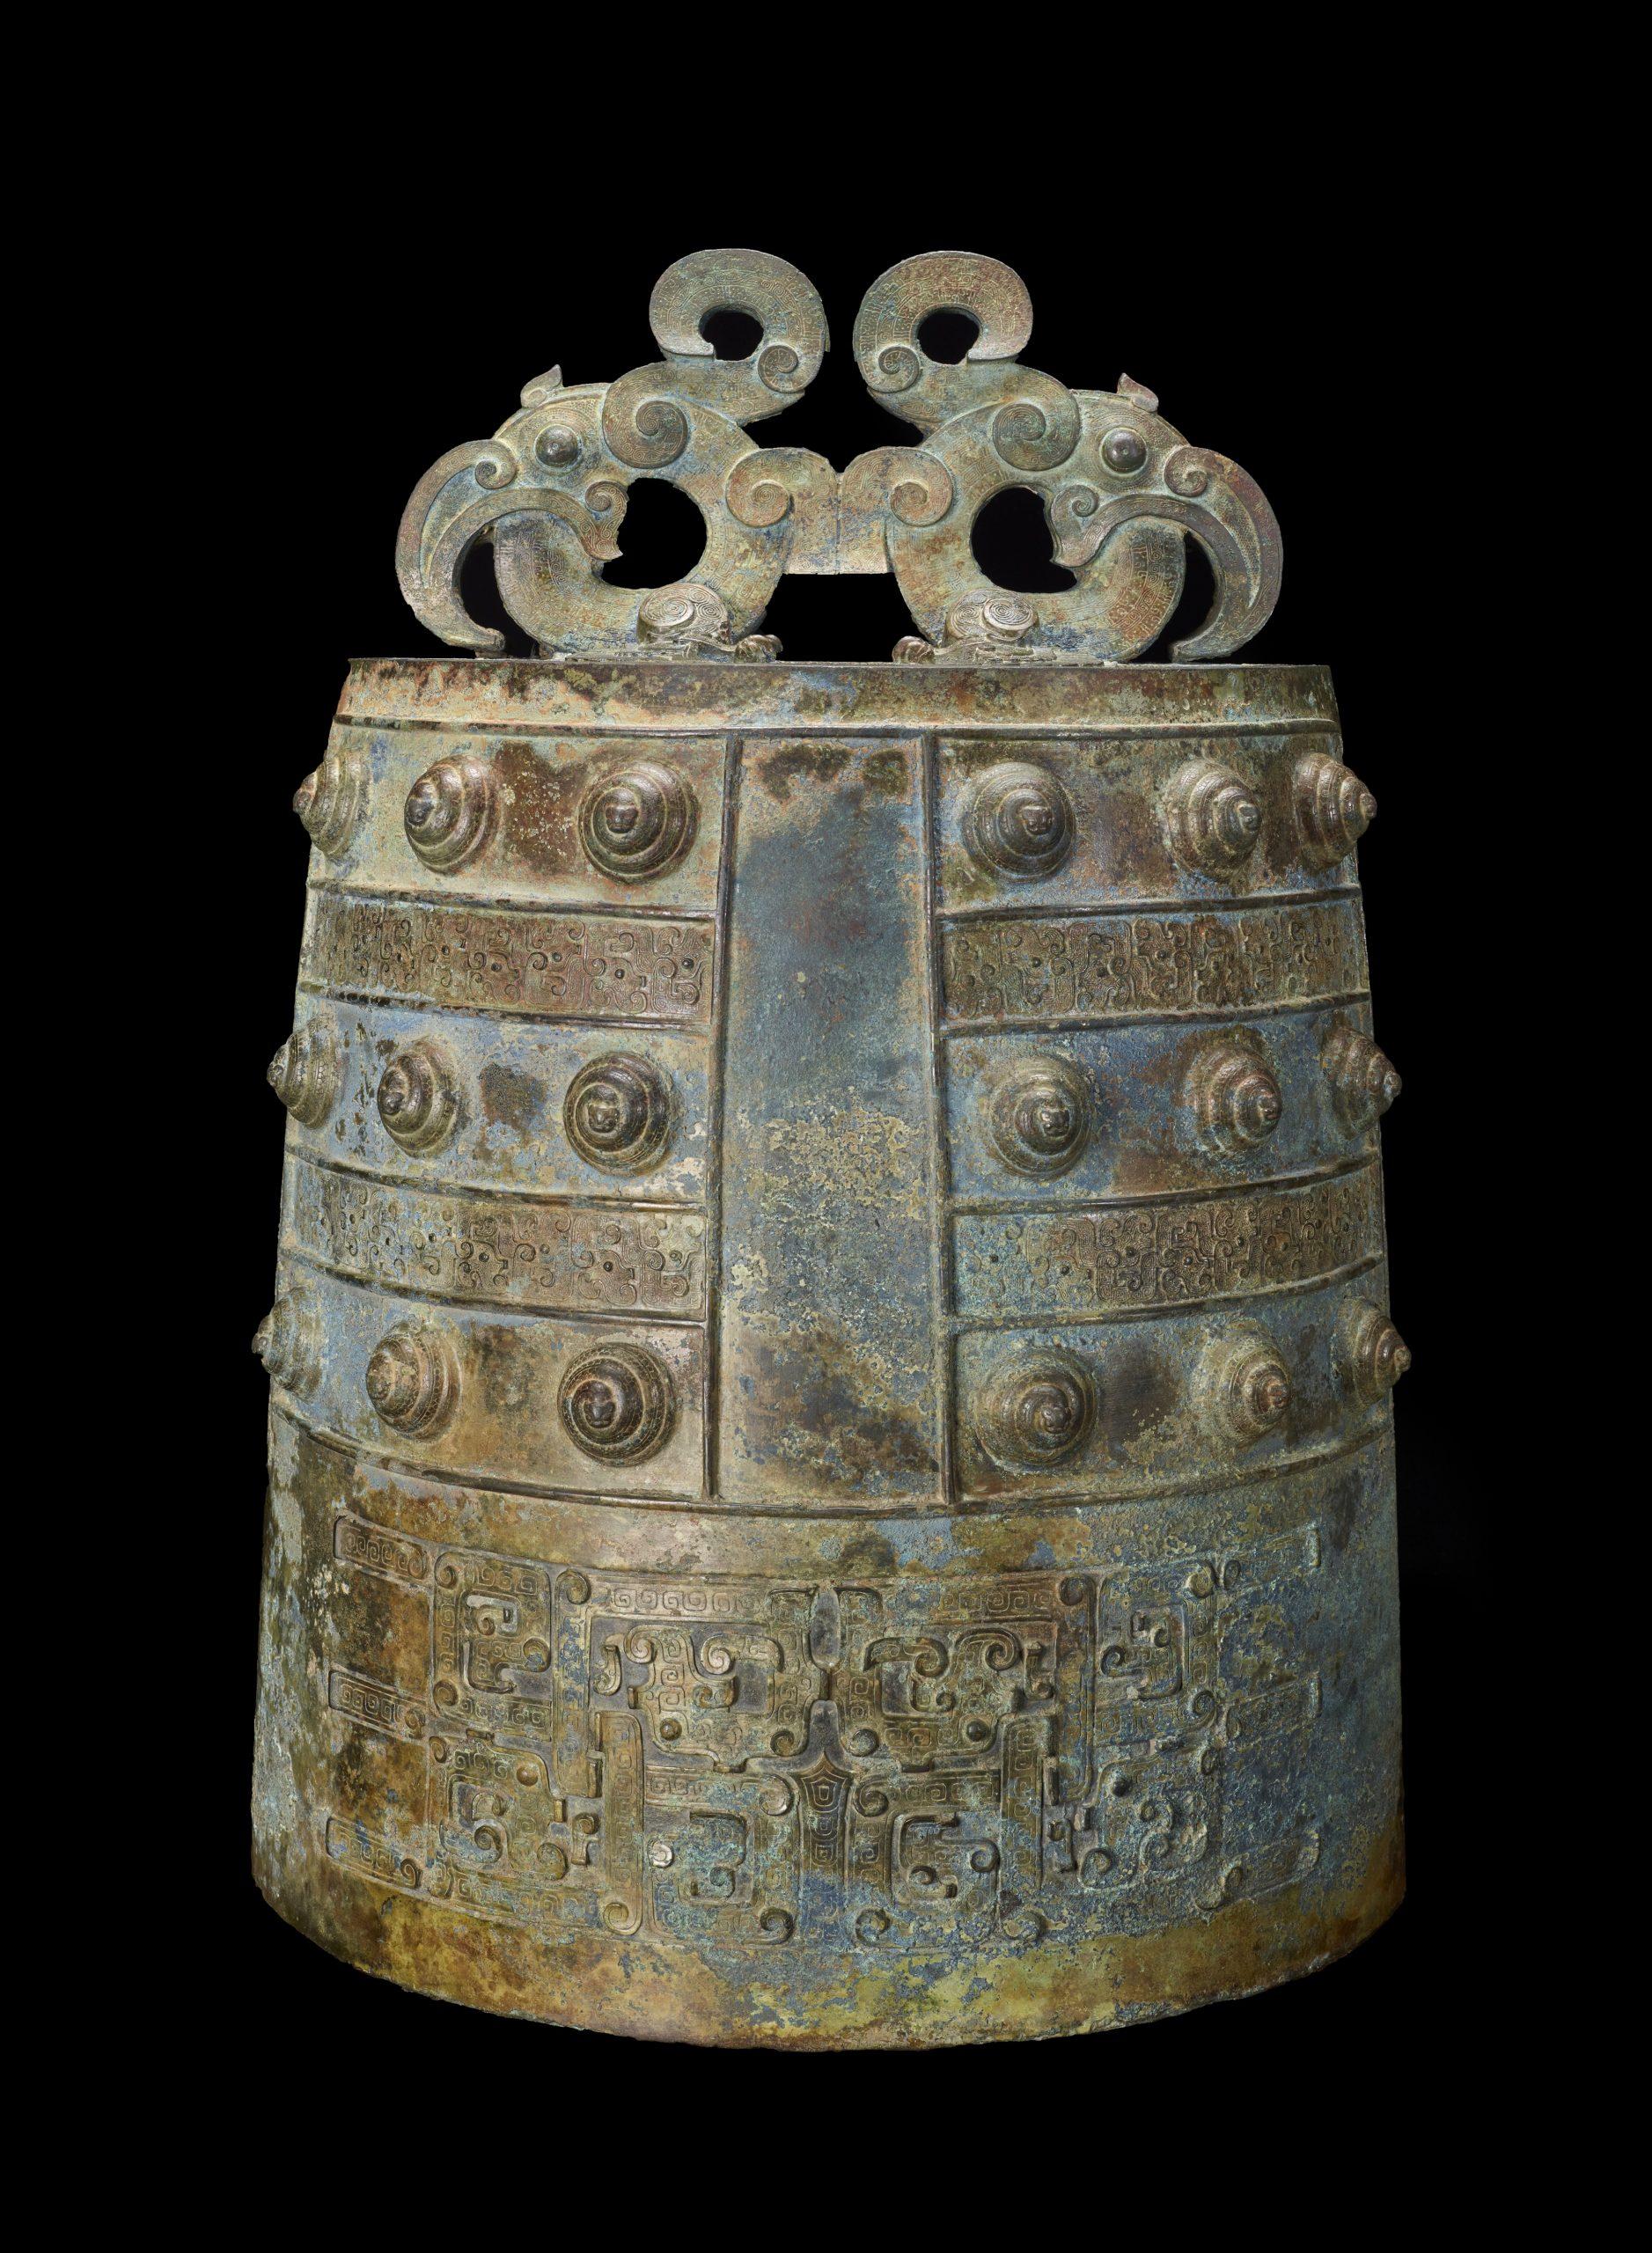 metal bell with engravings